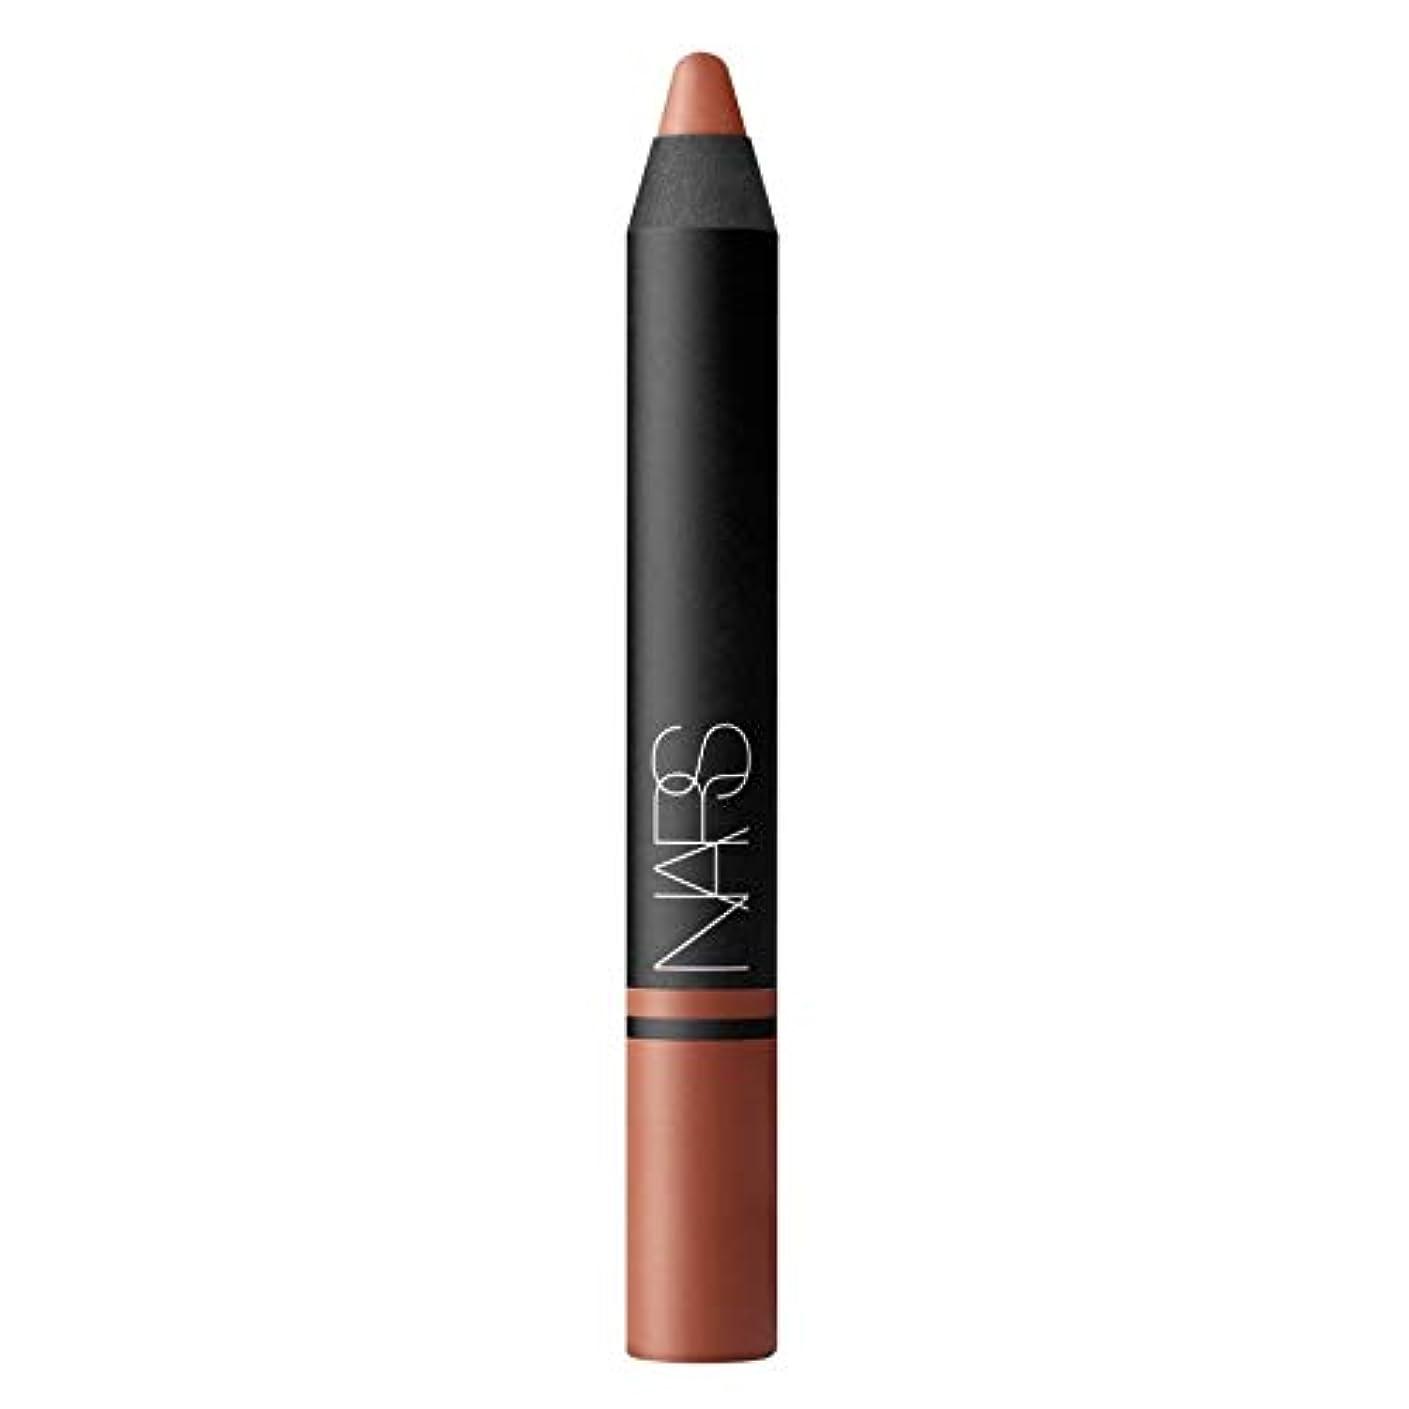 仲介者ミュート一[NARS] HetのトイレでのリップペンシルサテンのNar - Nars Satin Lip Pencil in Het Loo [並行輸入品]